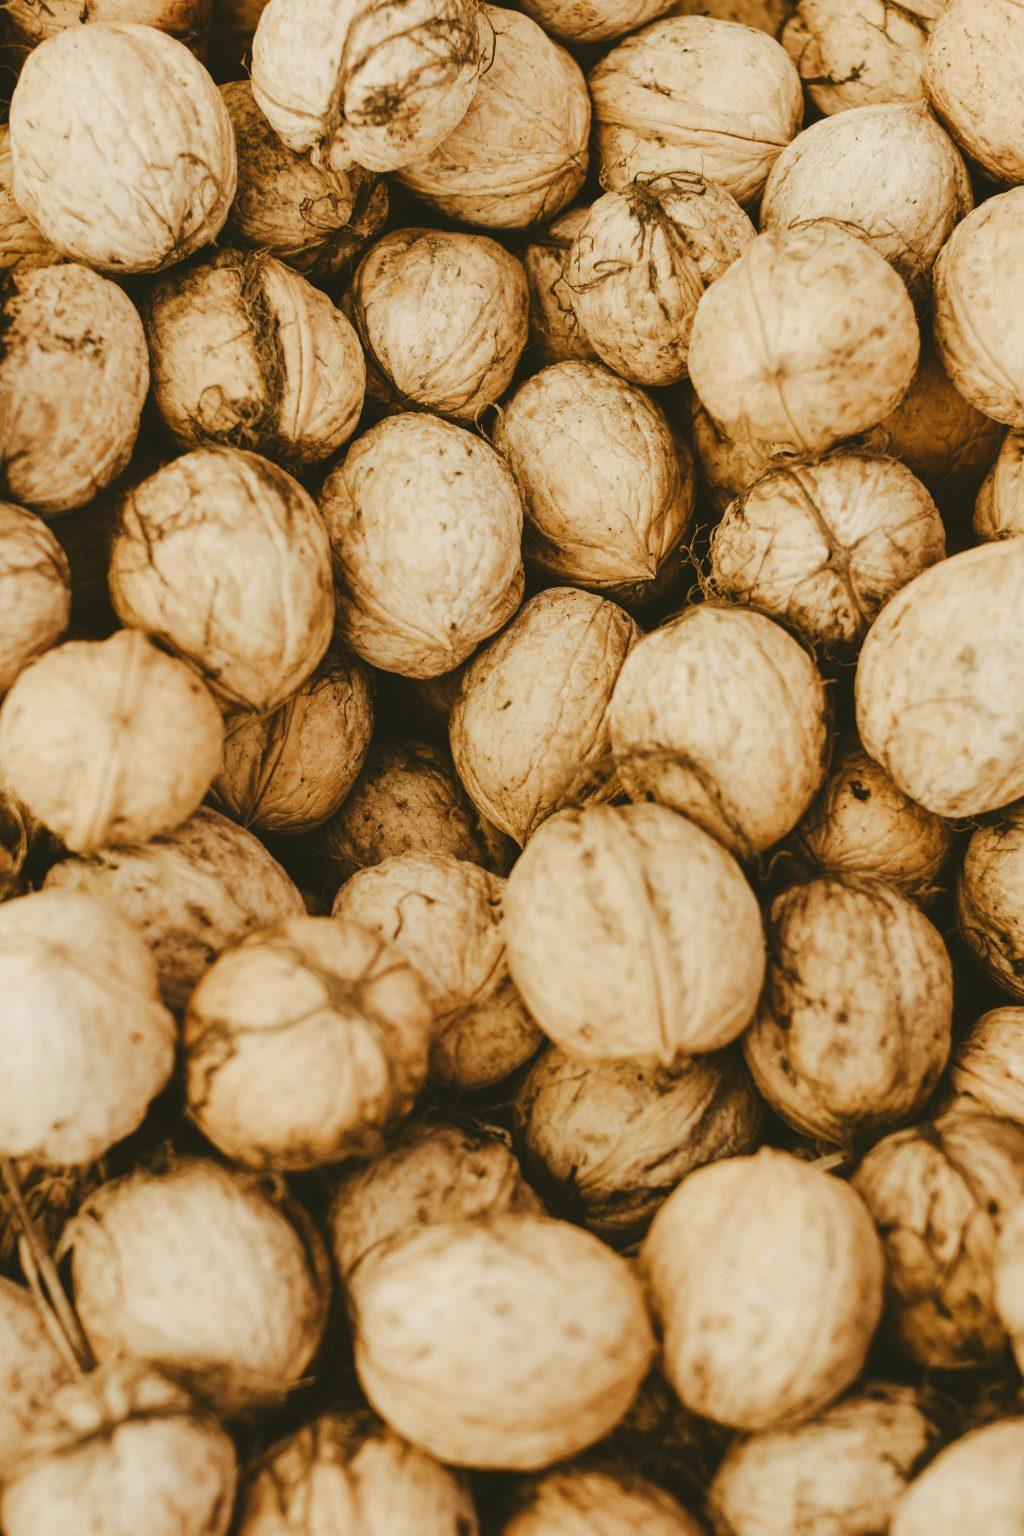 Many walnuts - free stock photo